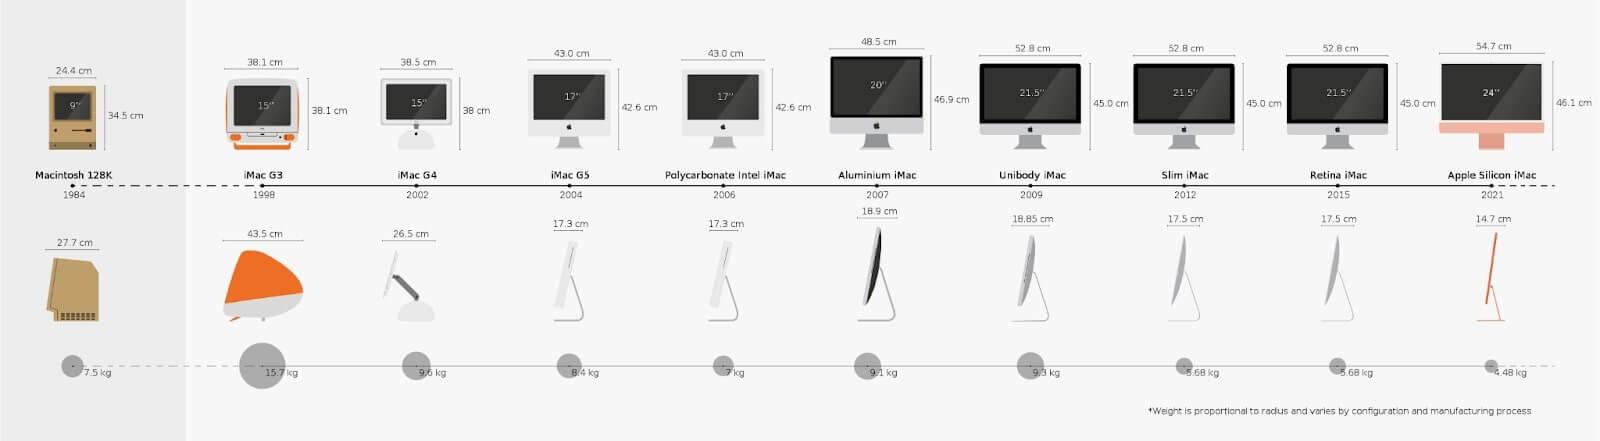 Dòng thời gian iMac